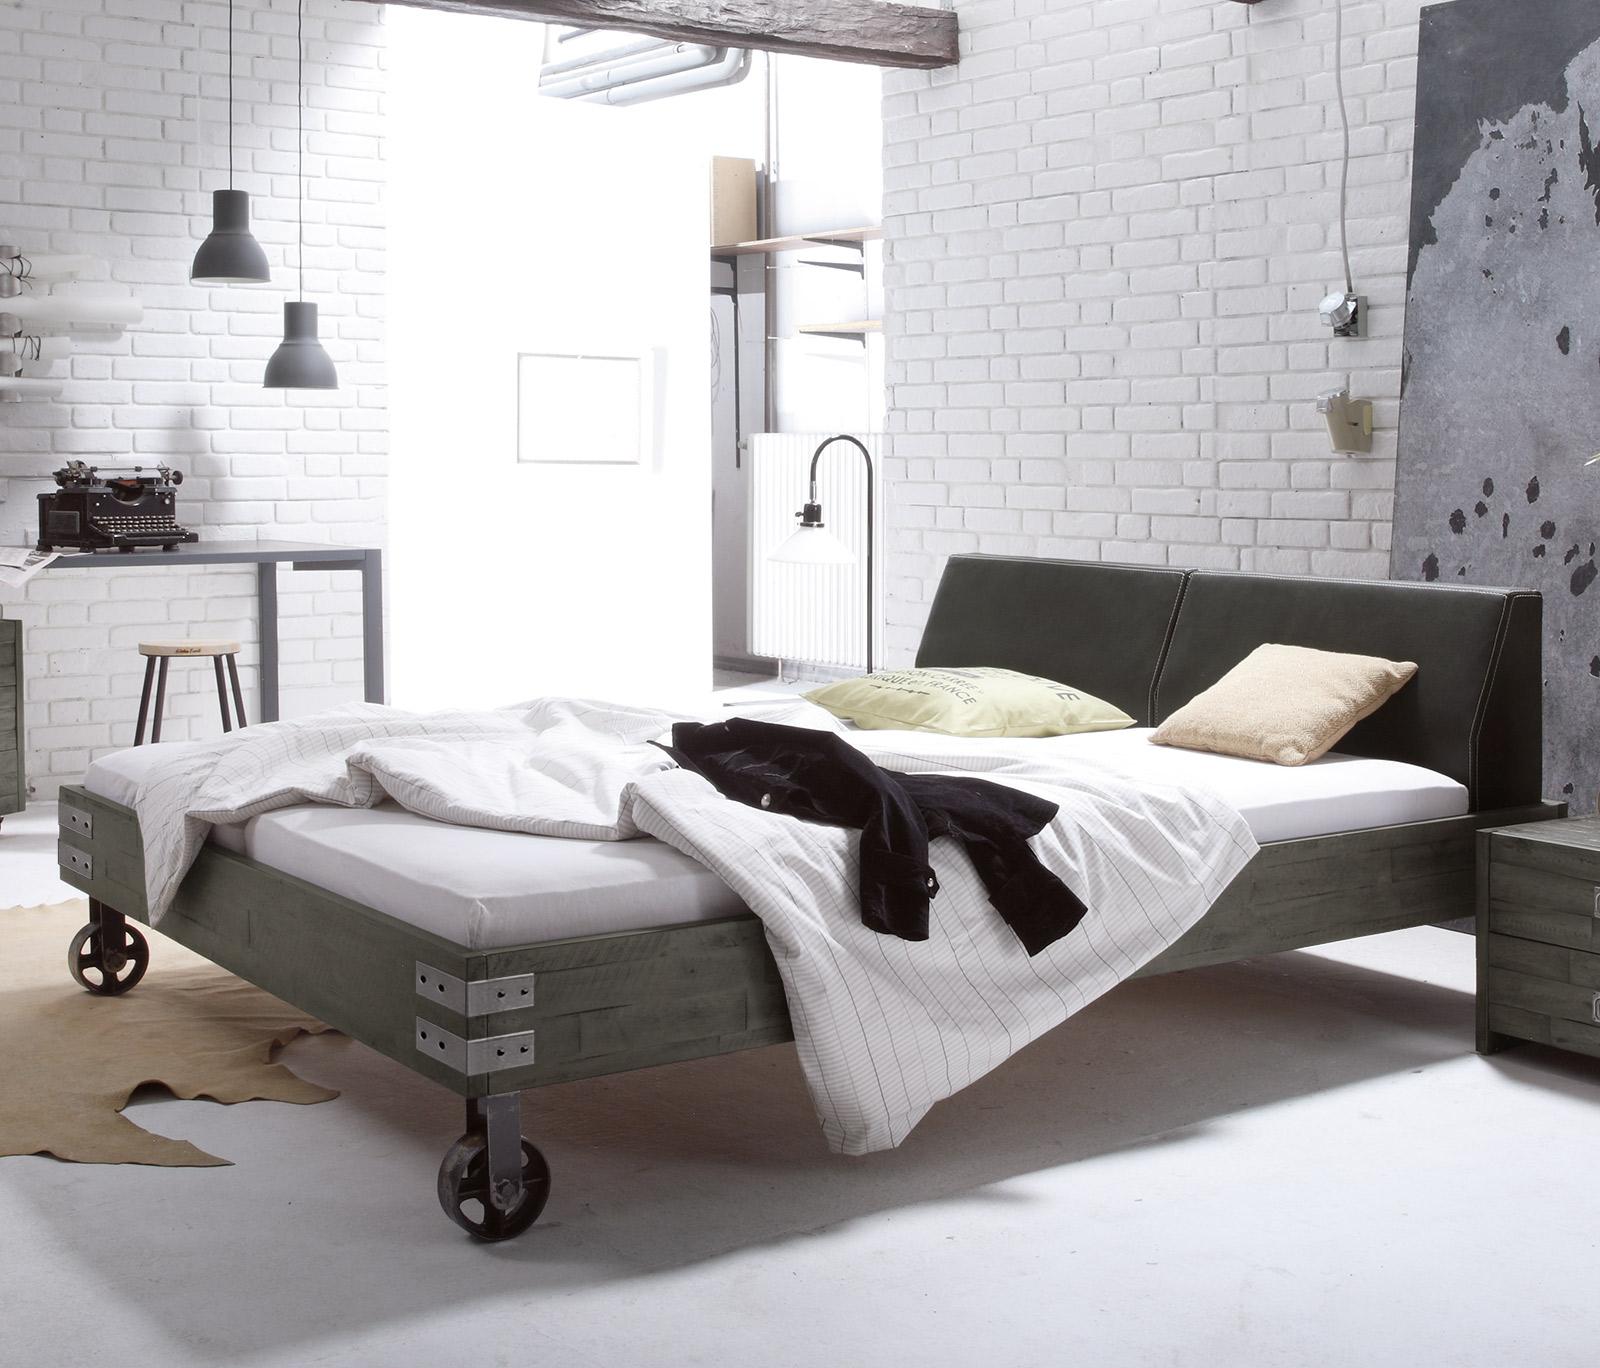 Bettgestell 180x200 weiß  Stabile Massivholzbetten in 180x200 cm online kaufen | BETTEN.de